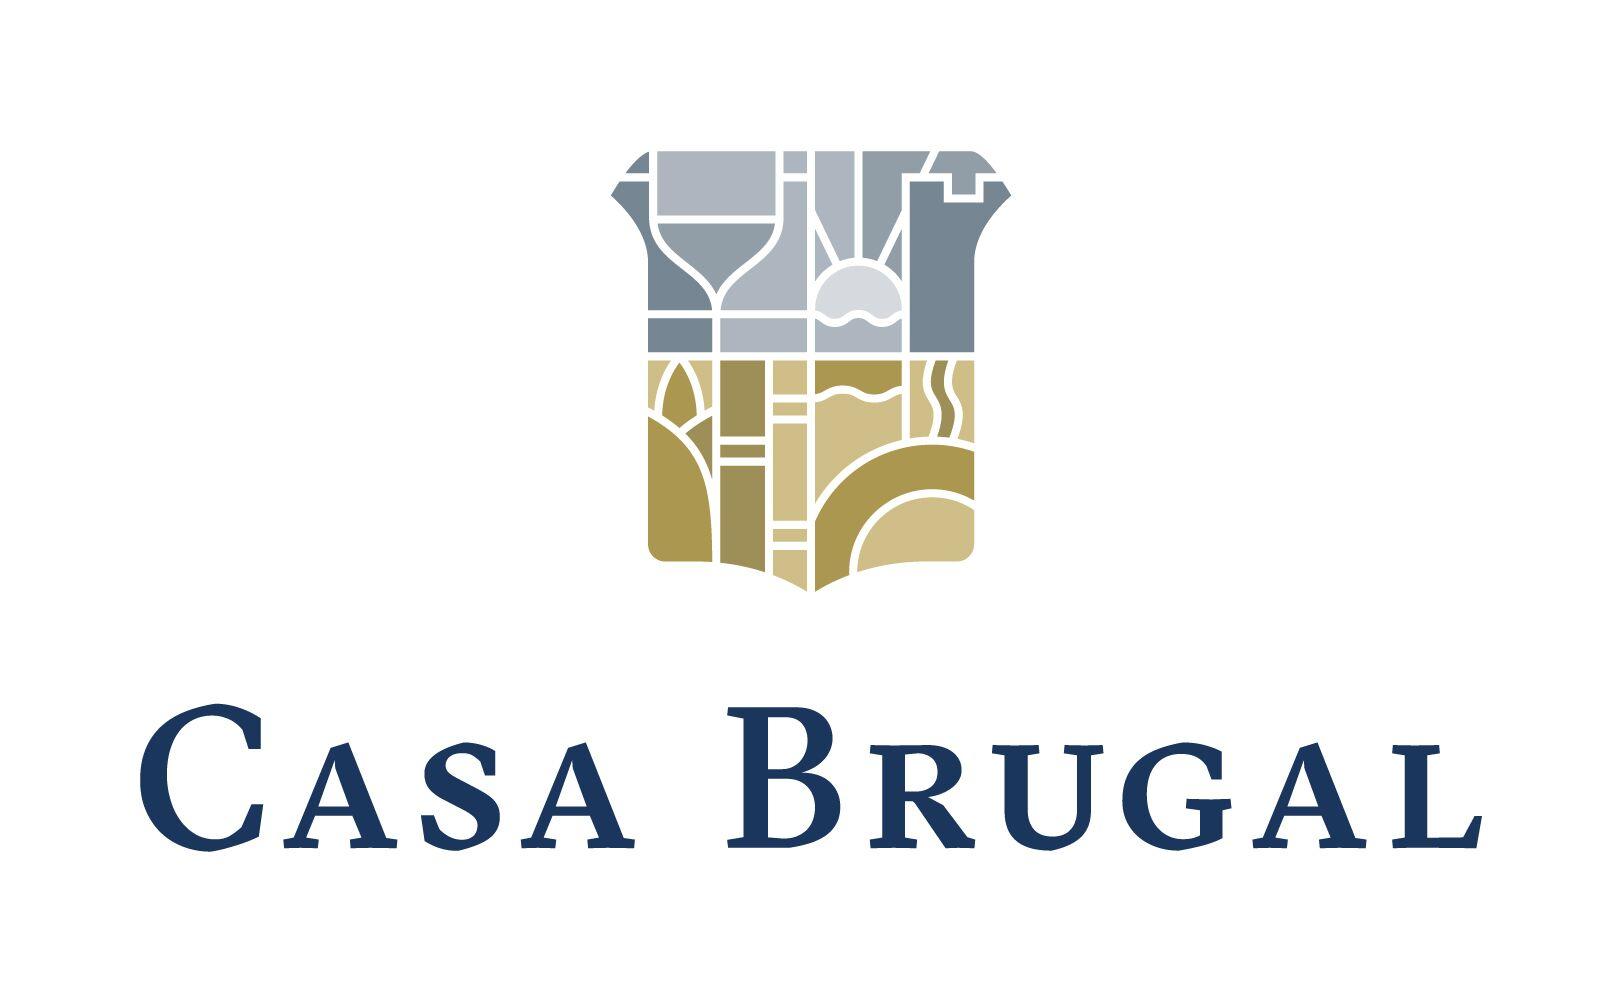 Casa Brugal